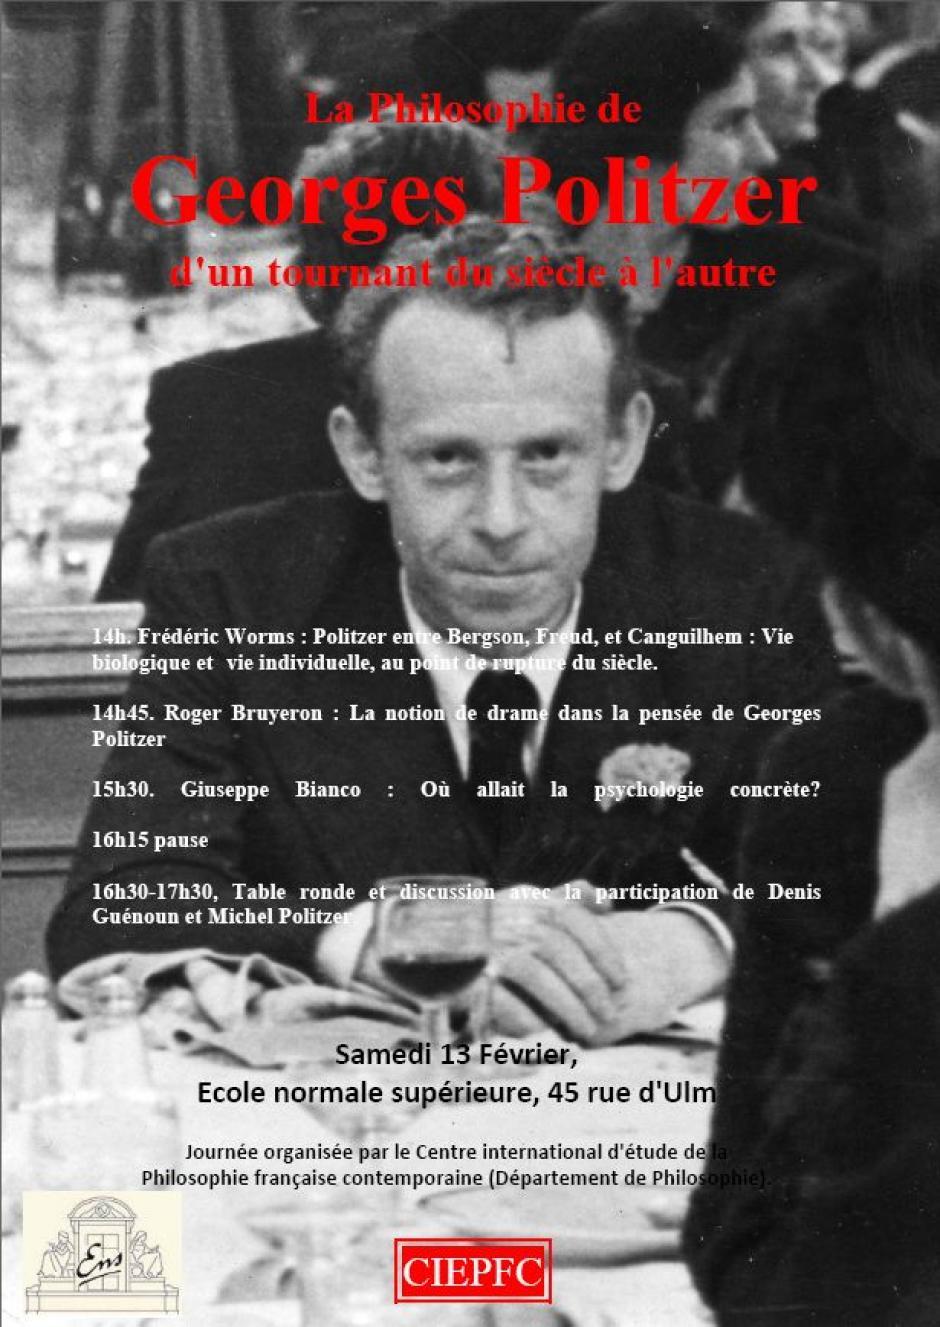 Les trois vies de Georges Politzer, Roger Bruyeron*